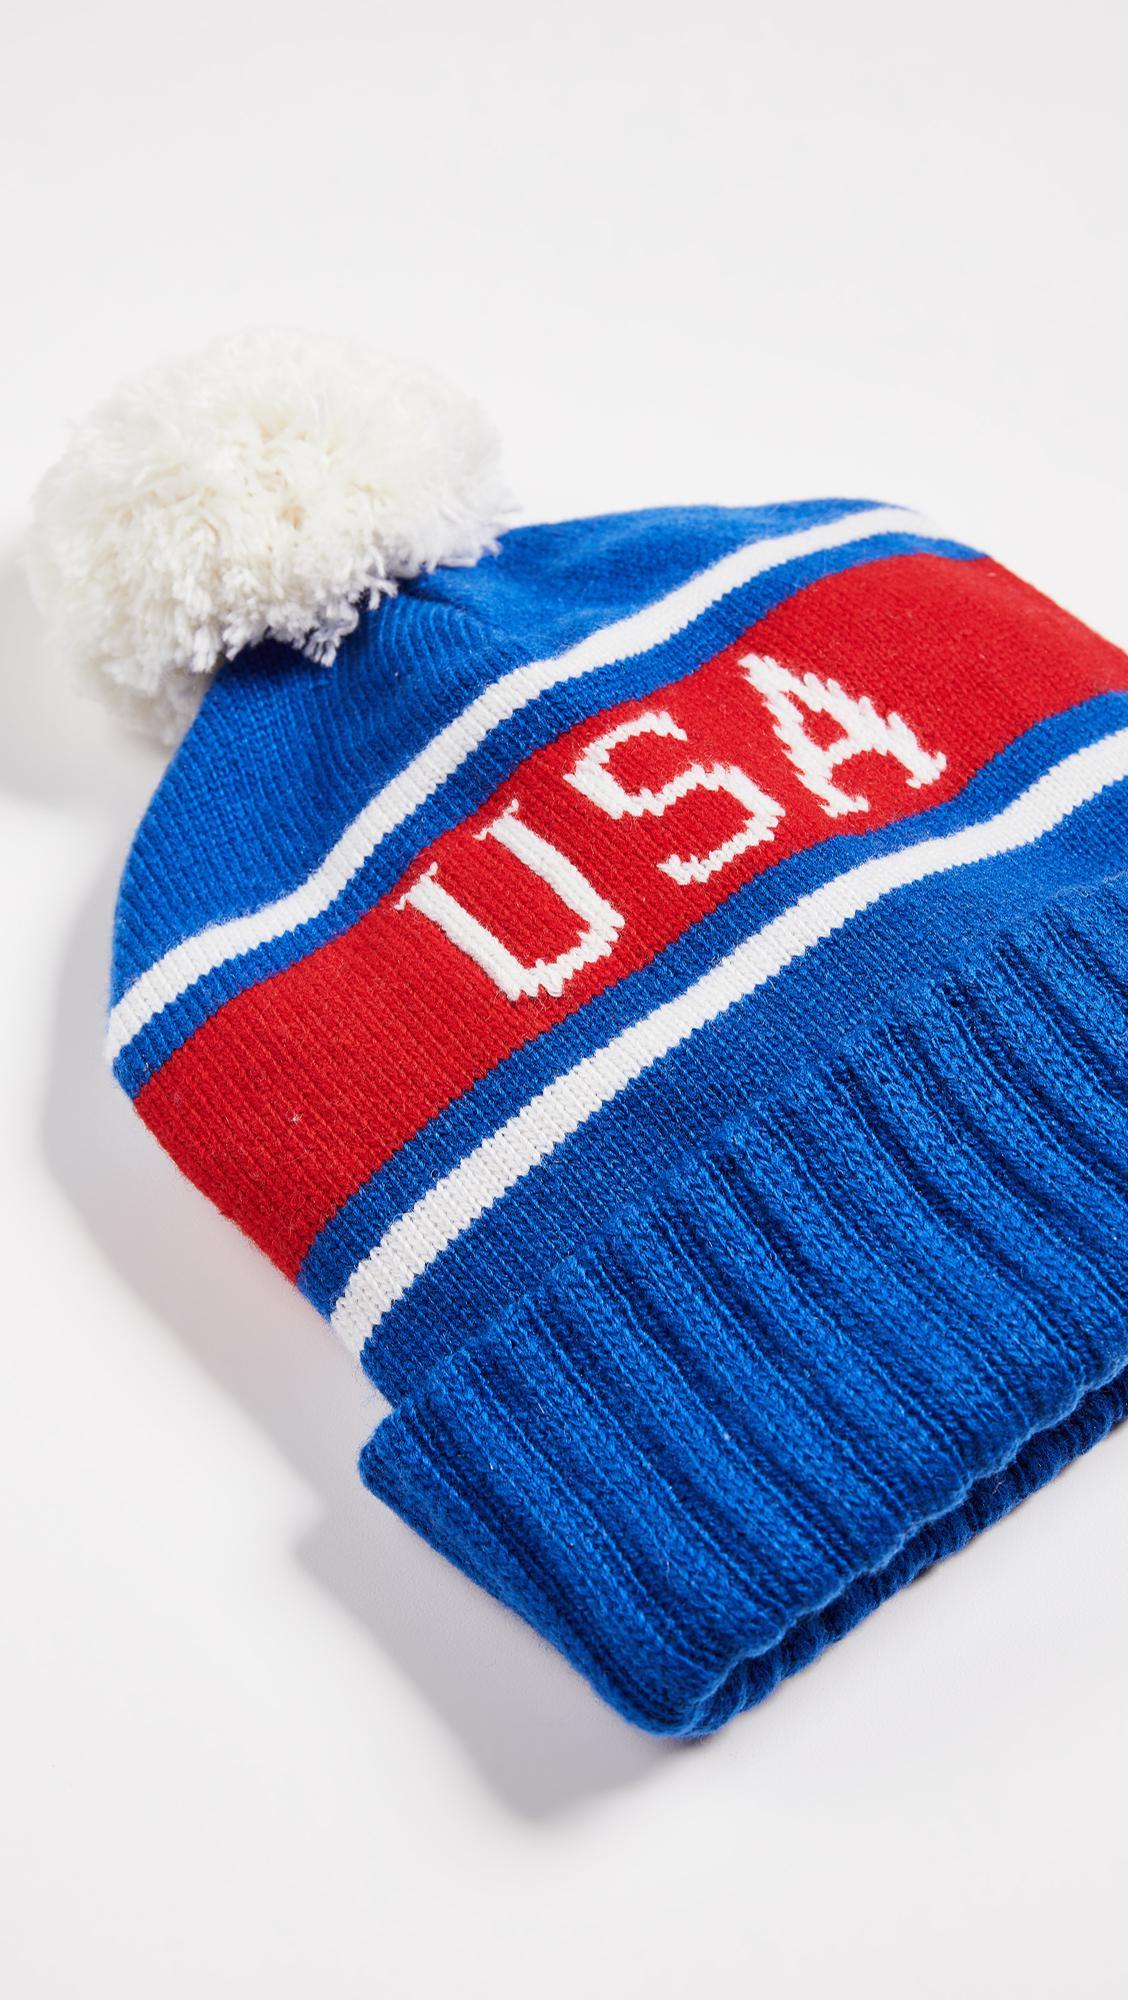 83e6e7afa9962 Polo Ralph Lauren Polo Usa Stadium Hat in Blue for Men - Lyst